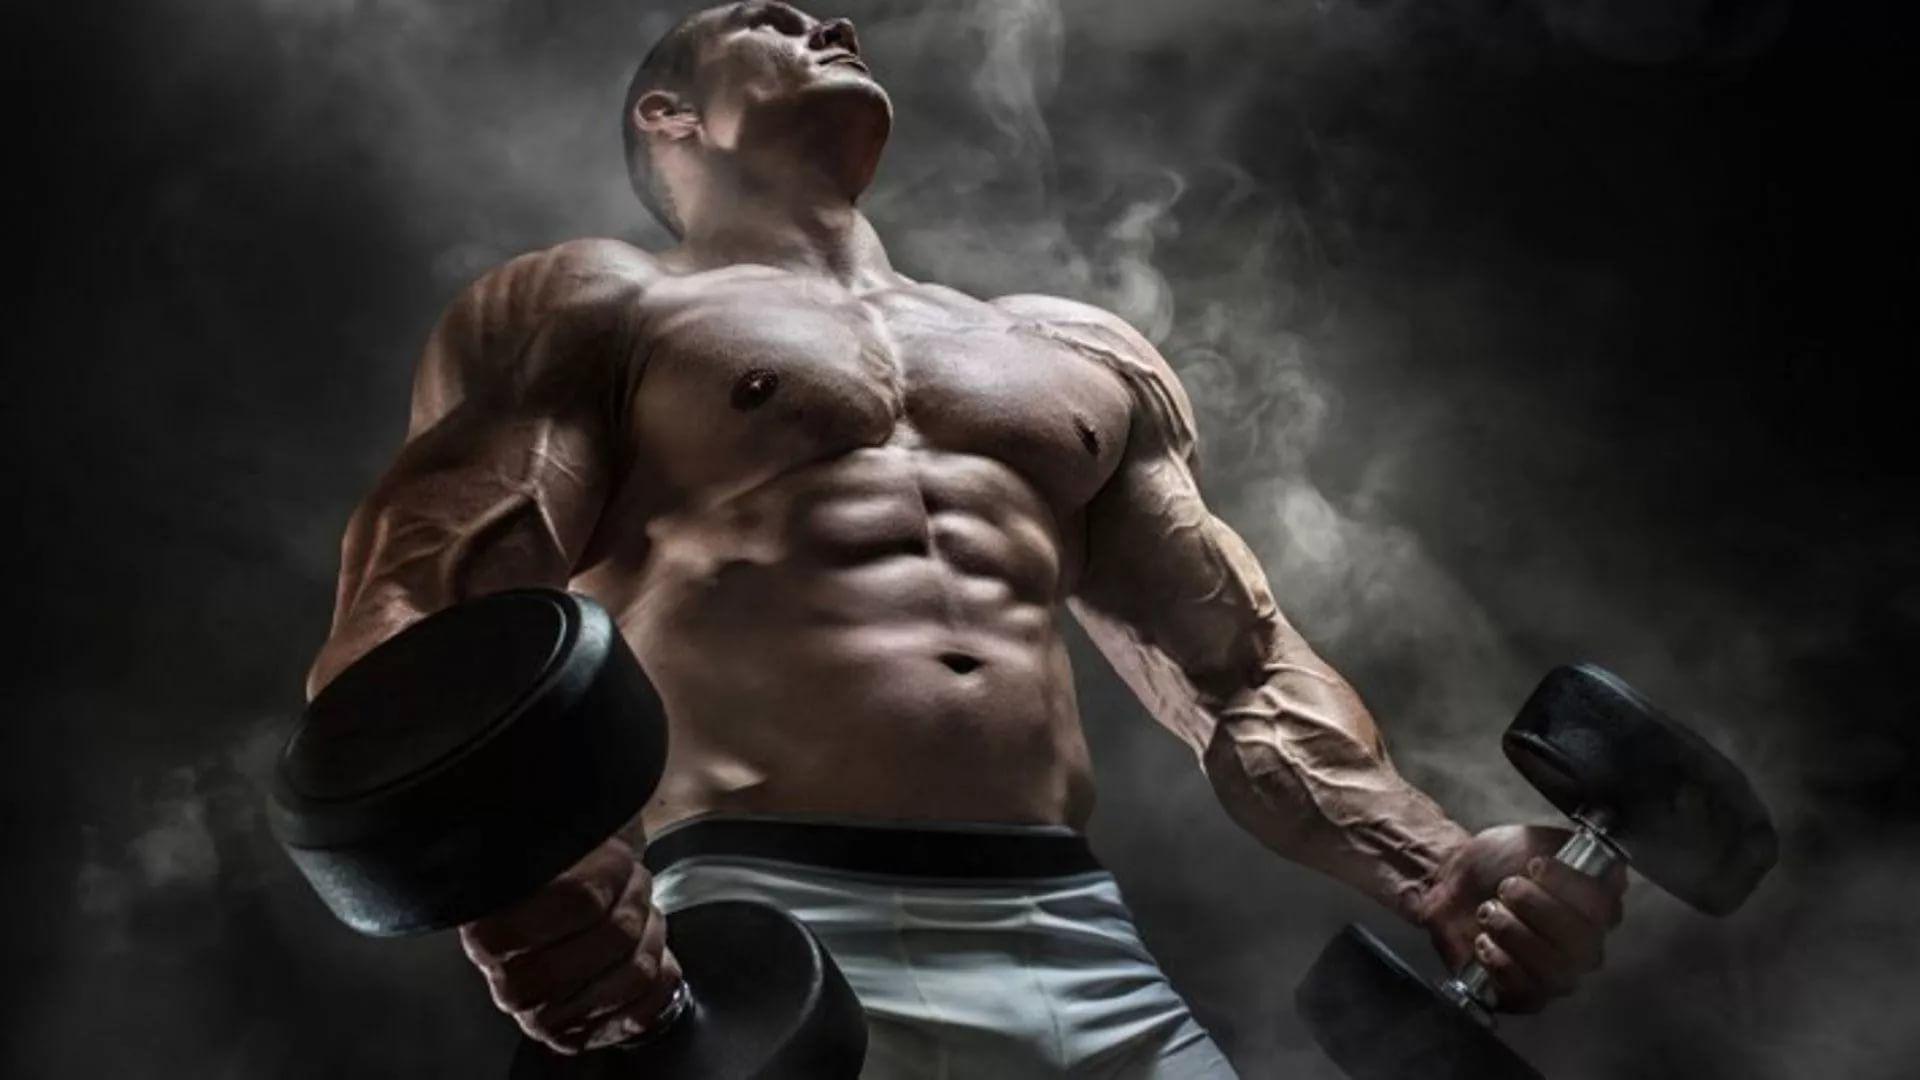 Workout Full HD Wallpaper